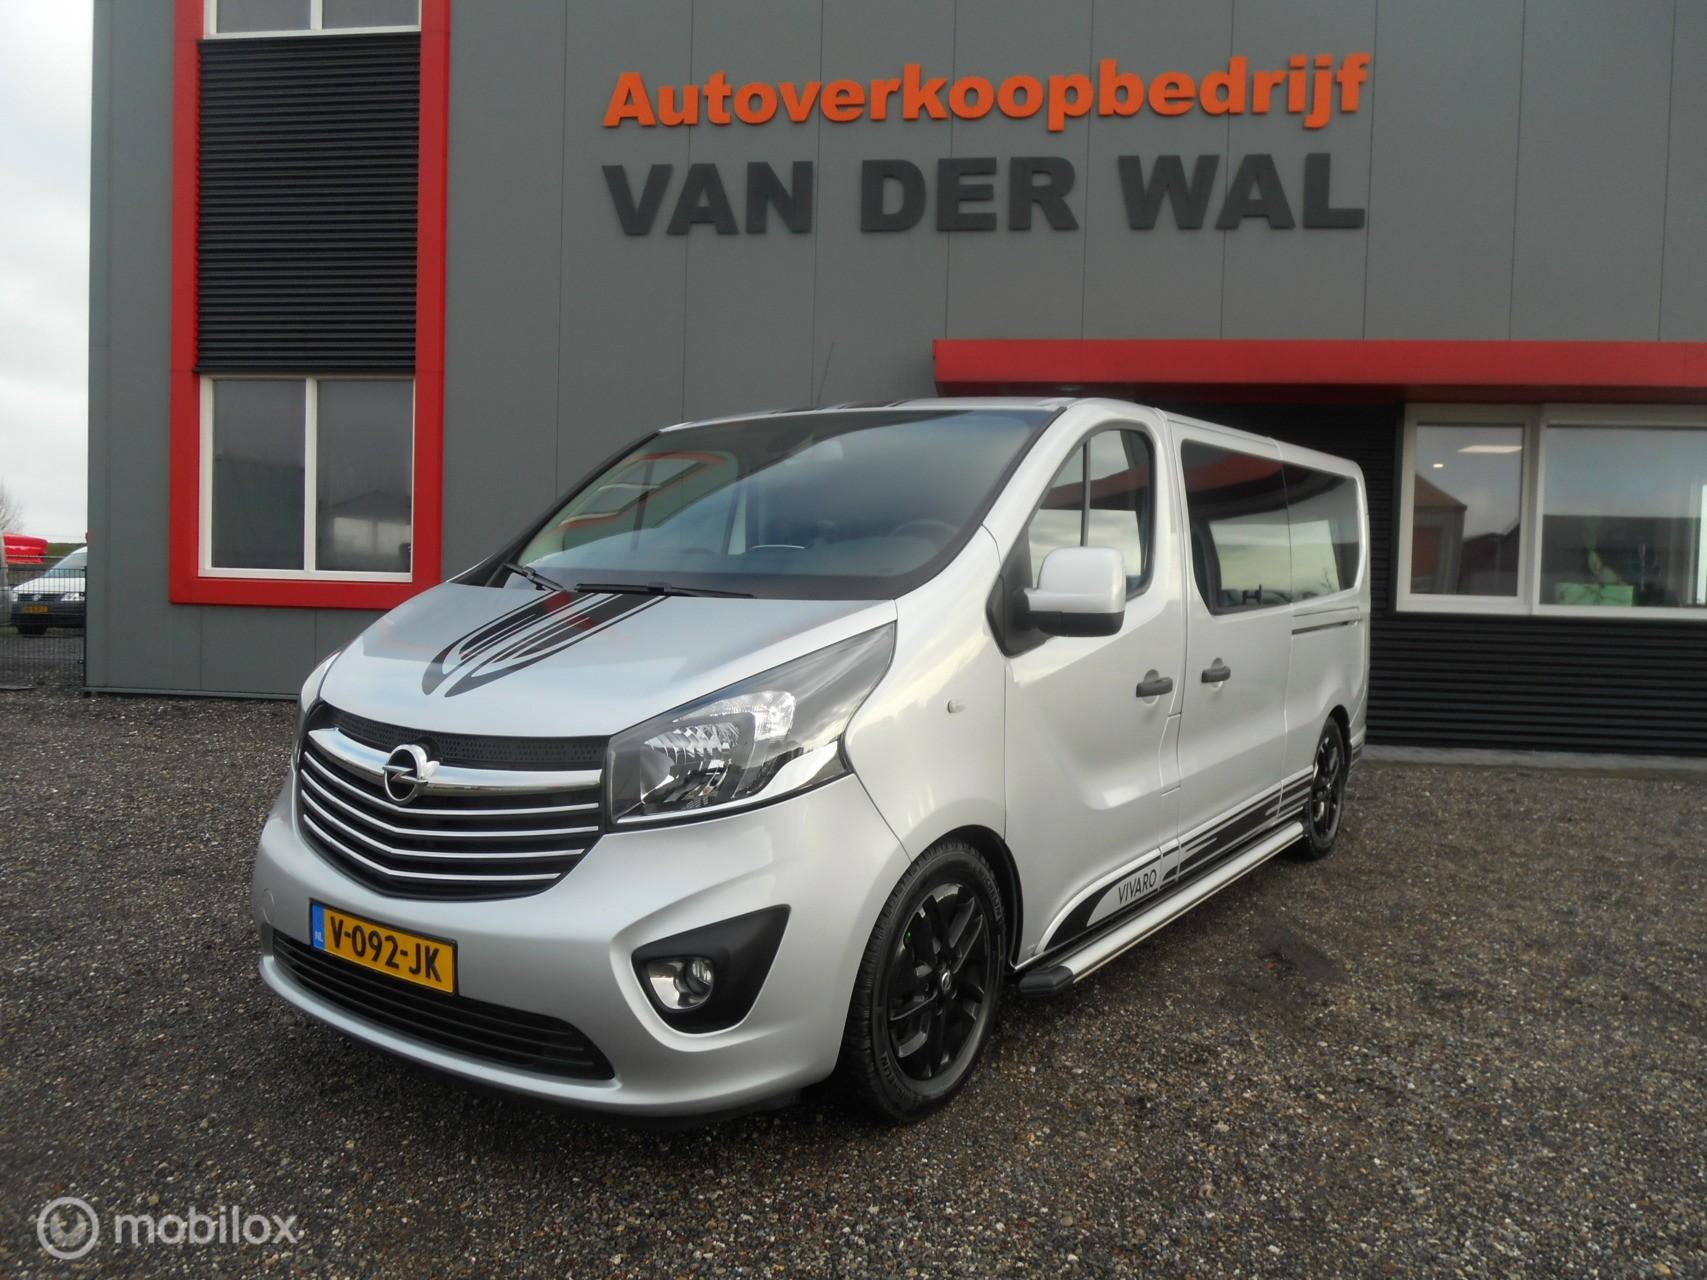 Opel Vivaro bestel 1.6 CDTI L2H1 DC SPORT INNOVATION